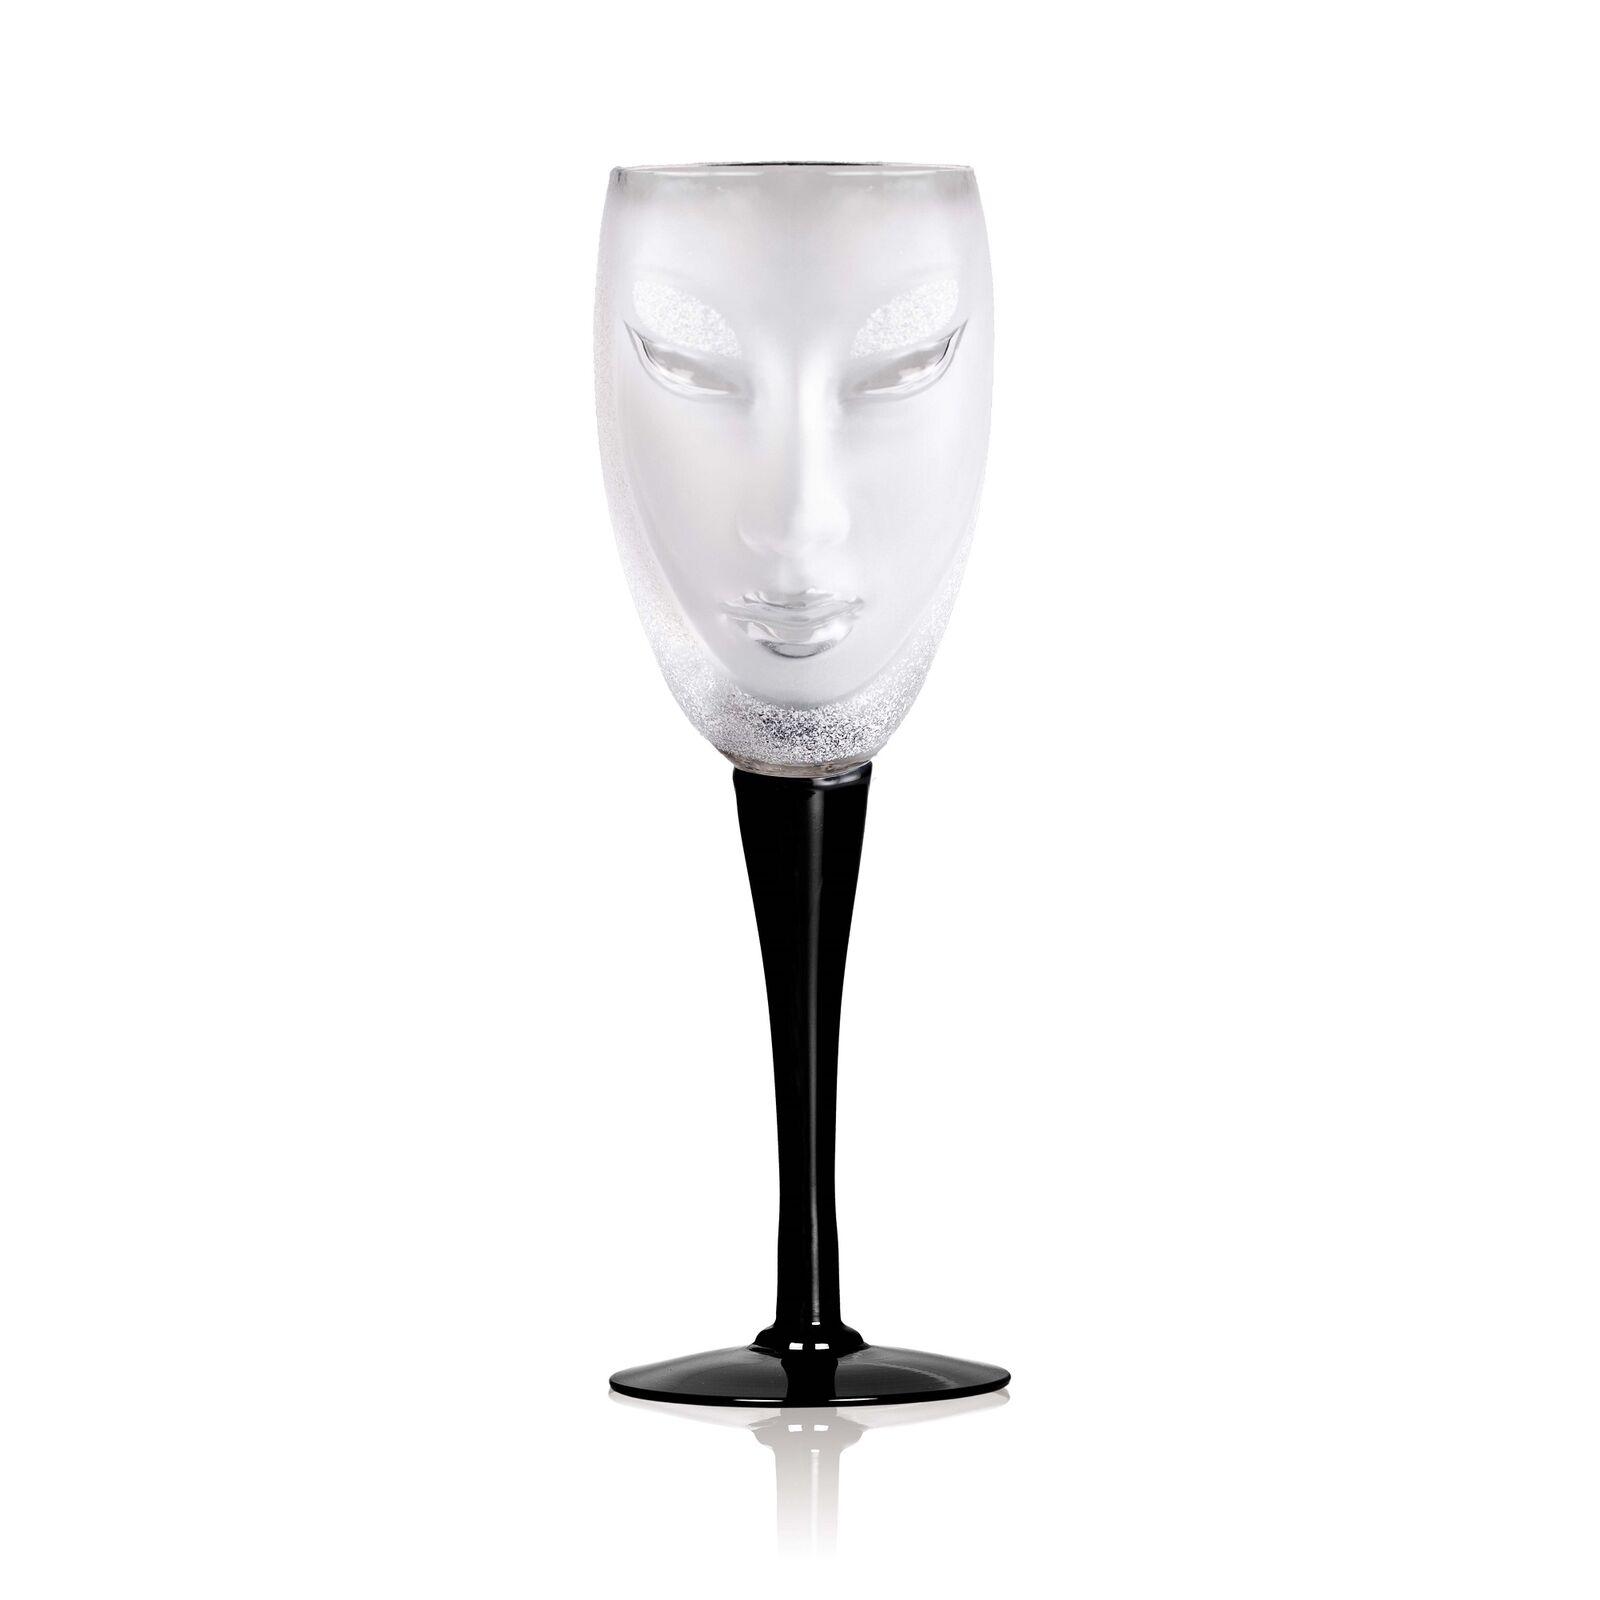 fino al 65% di sconto Mats Jonasson målerås Electra vino in vetro trasparente - 25cm 25cm 25cm  clienti prima reputazione prima